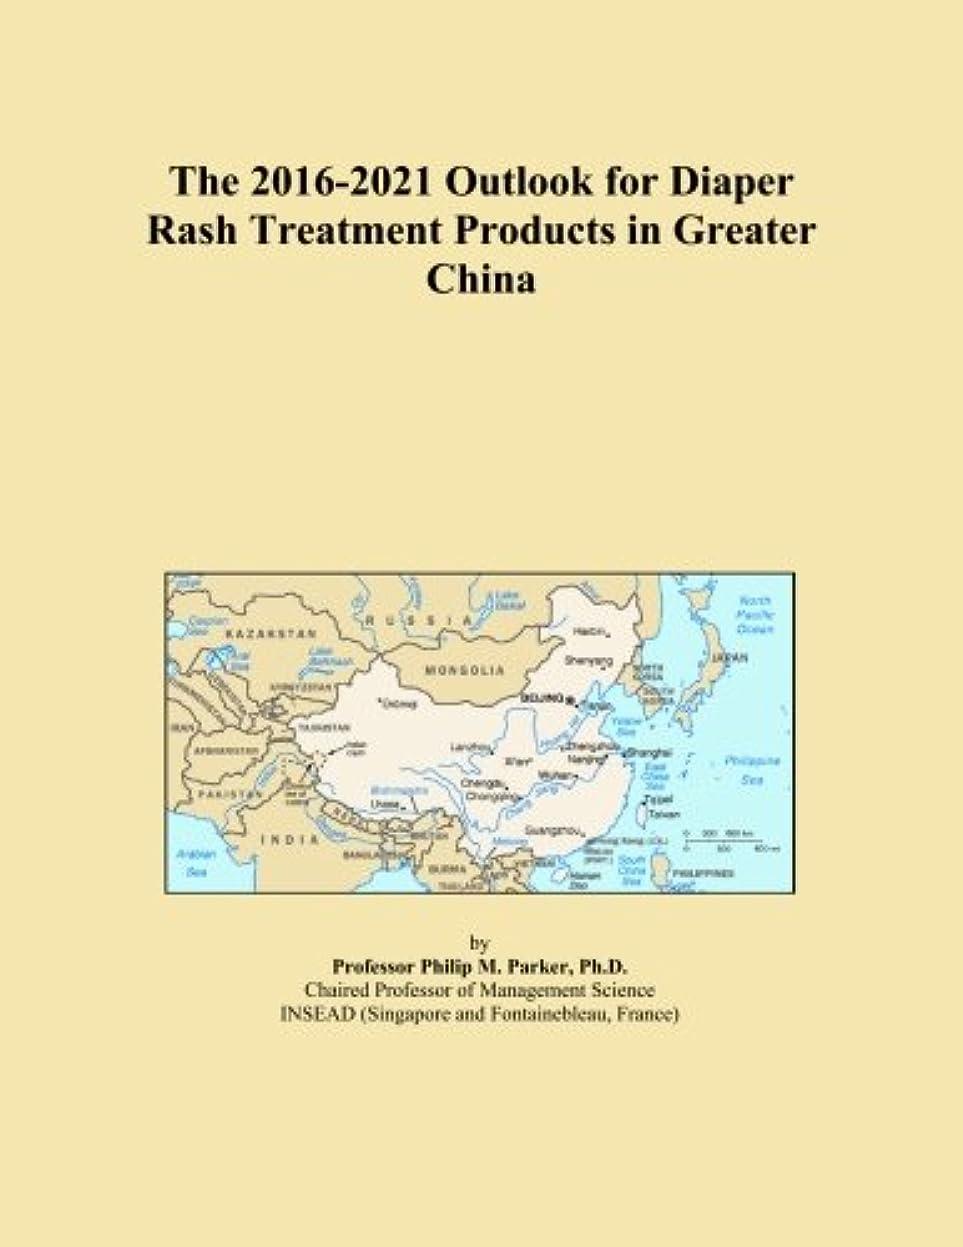 暴動ミス分割The 2016-2021 Outlook for Diaper Rash Treatment Products in Greater China